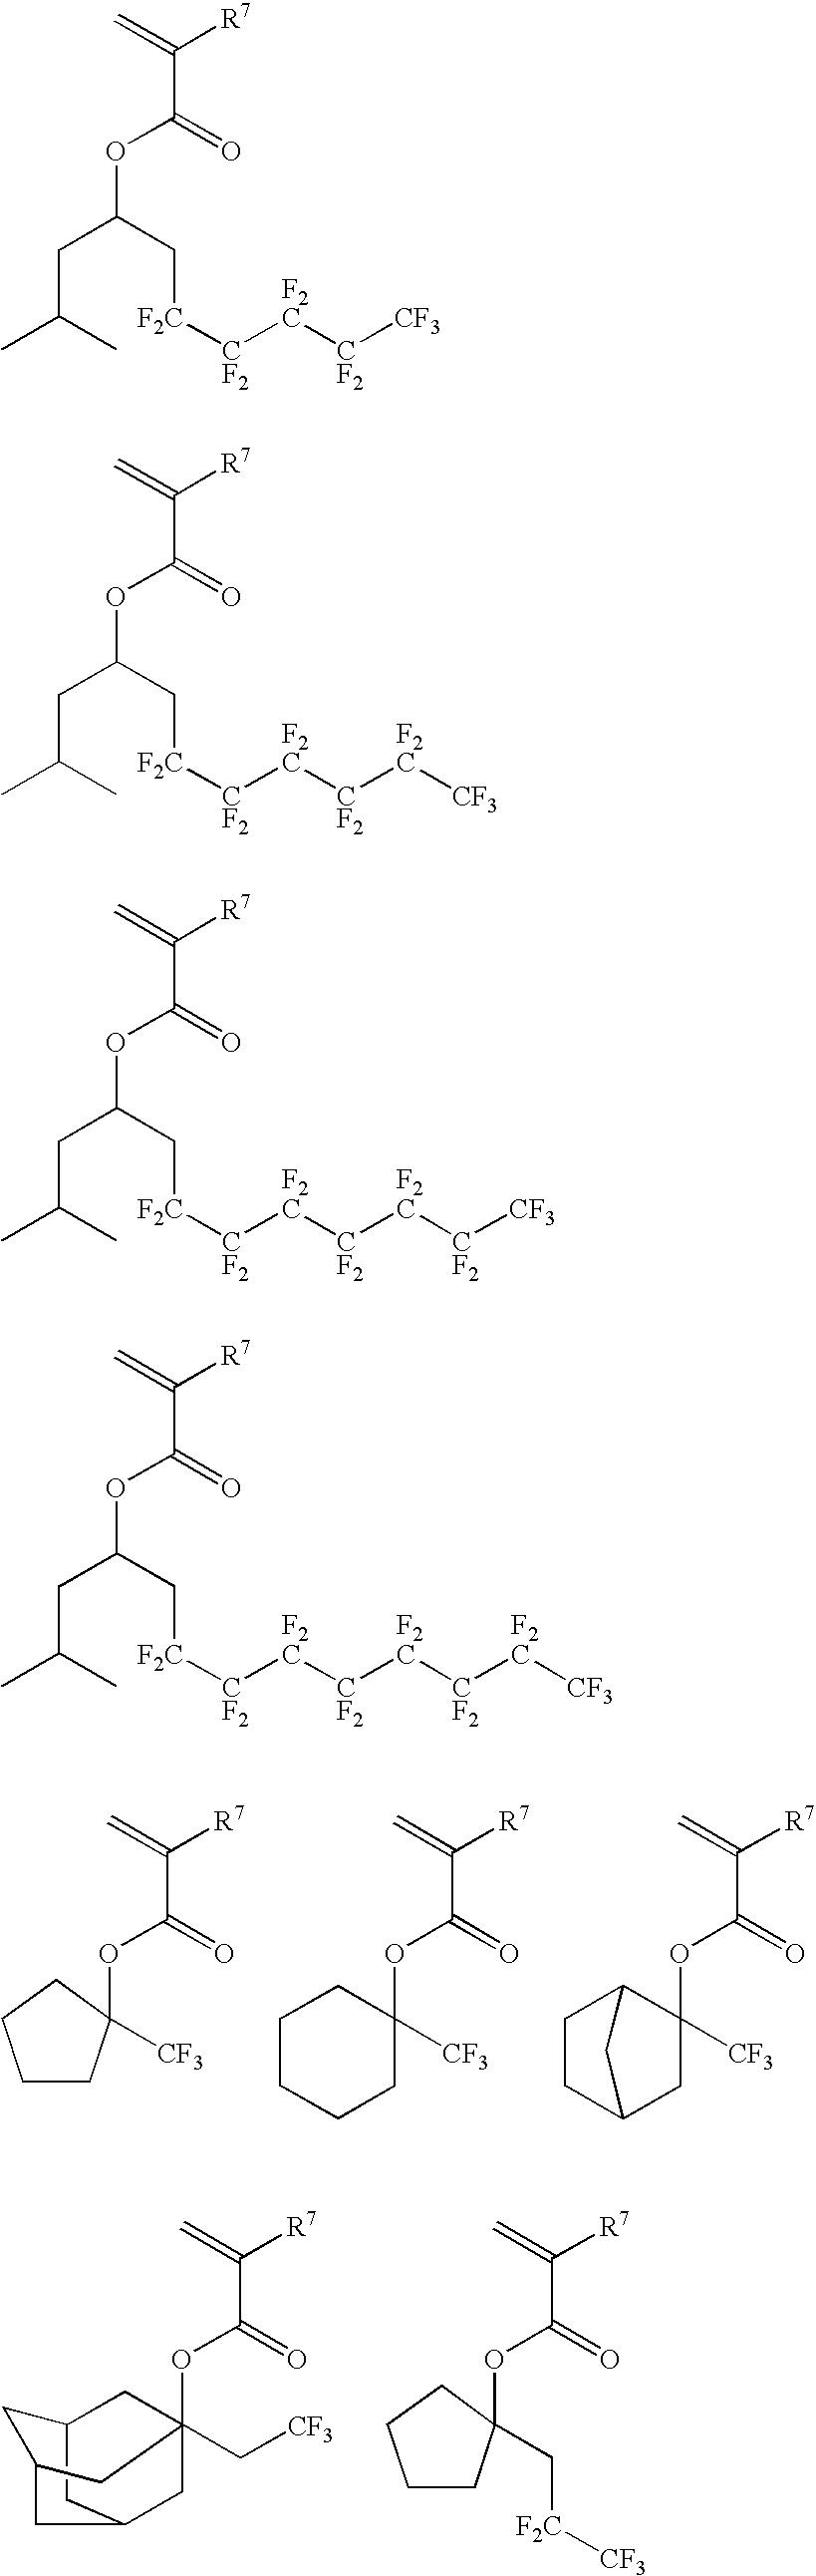 Figure US20090011365A1-20090108-C00018